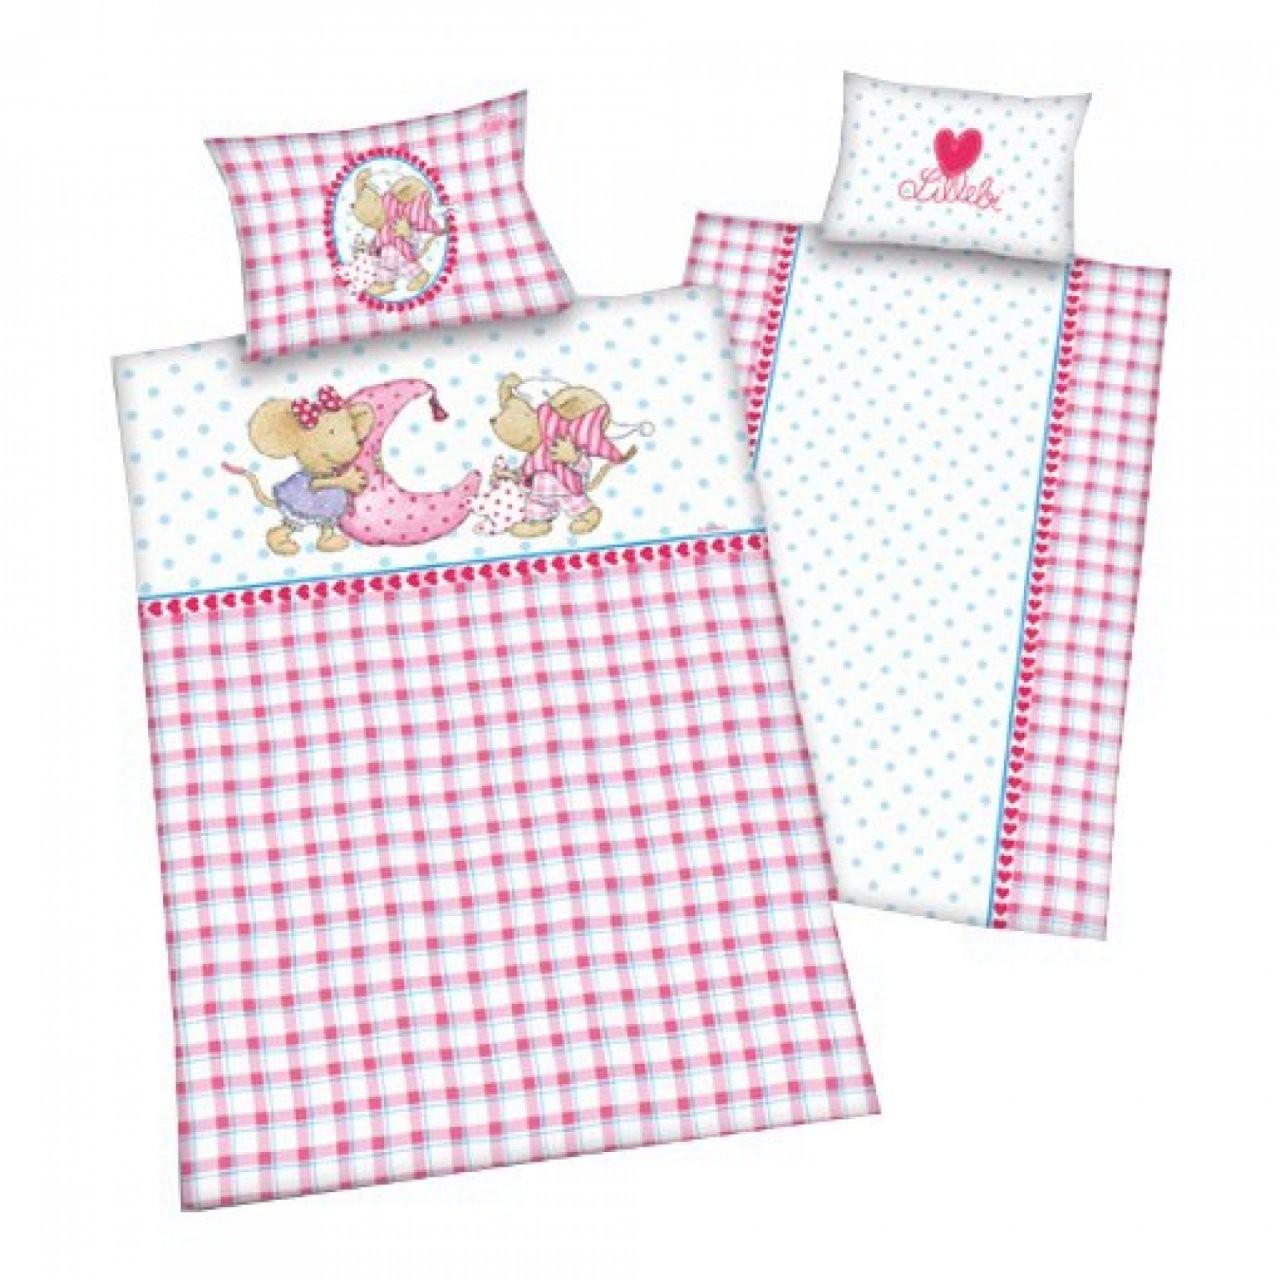 Bettwasche 100X135  Angebote Auf Waterige von Hello Kitty Bettwäsche 100X135 Bild